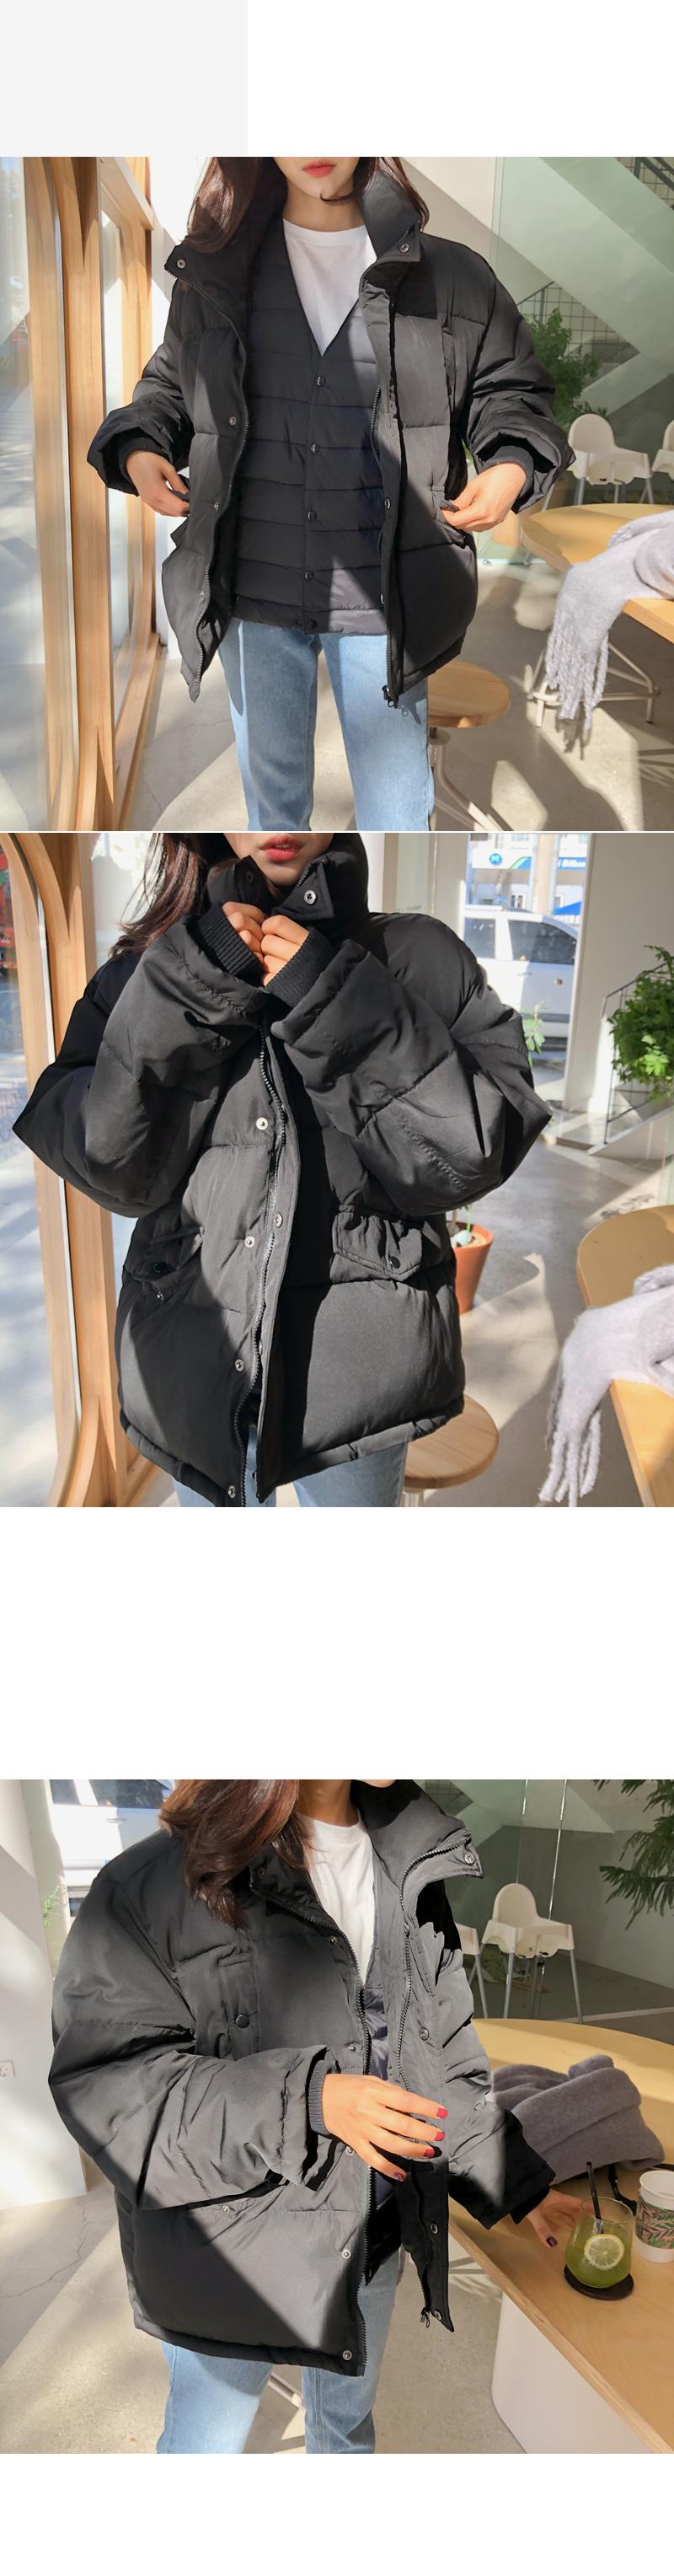 V-neck lightweight vest